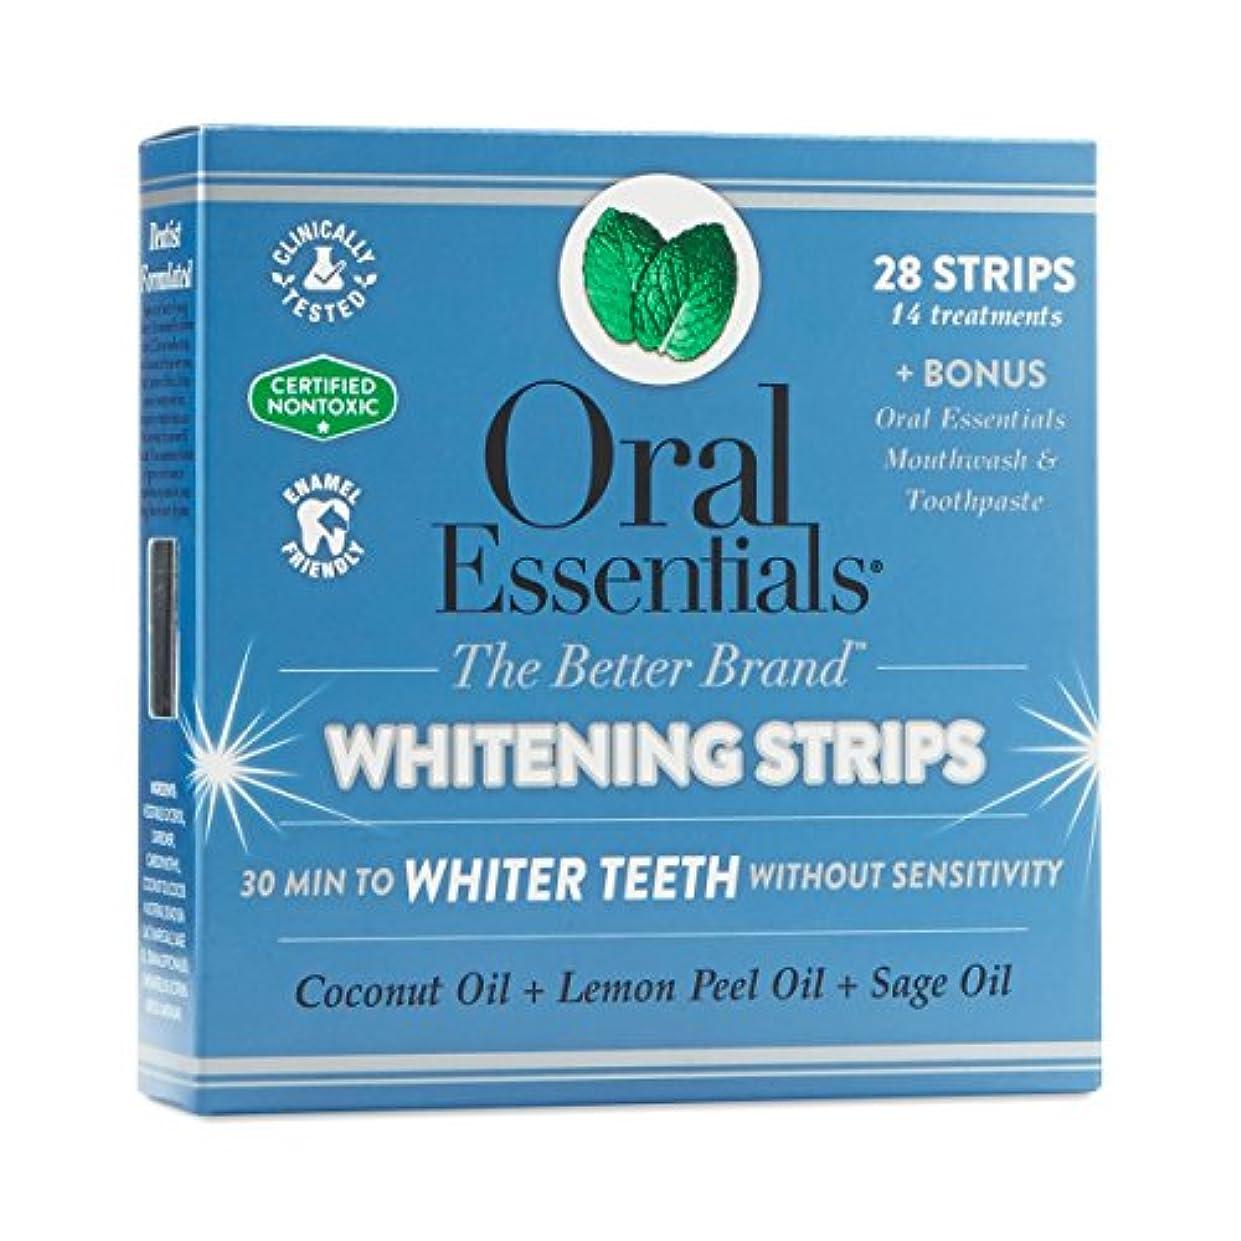 アリーナ採用する難民ホワイトニングストリップ オーラルエッセンシャル 14回分(上下24枚) 過酸化物なし、非毒性、敏感な歯茎に方にもやさしい 海外直送品